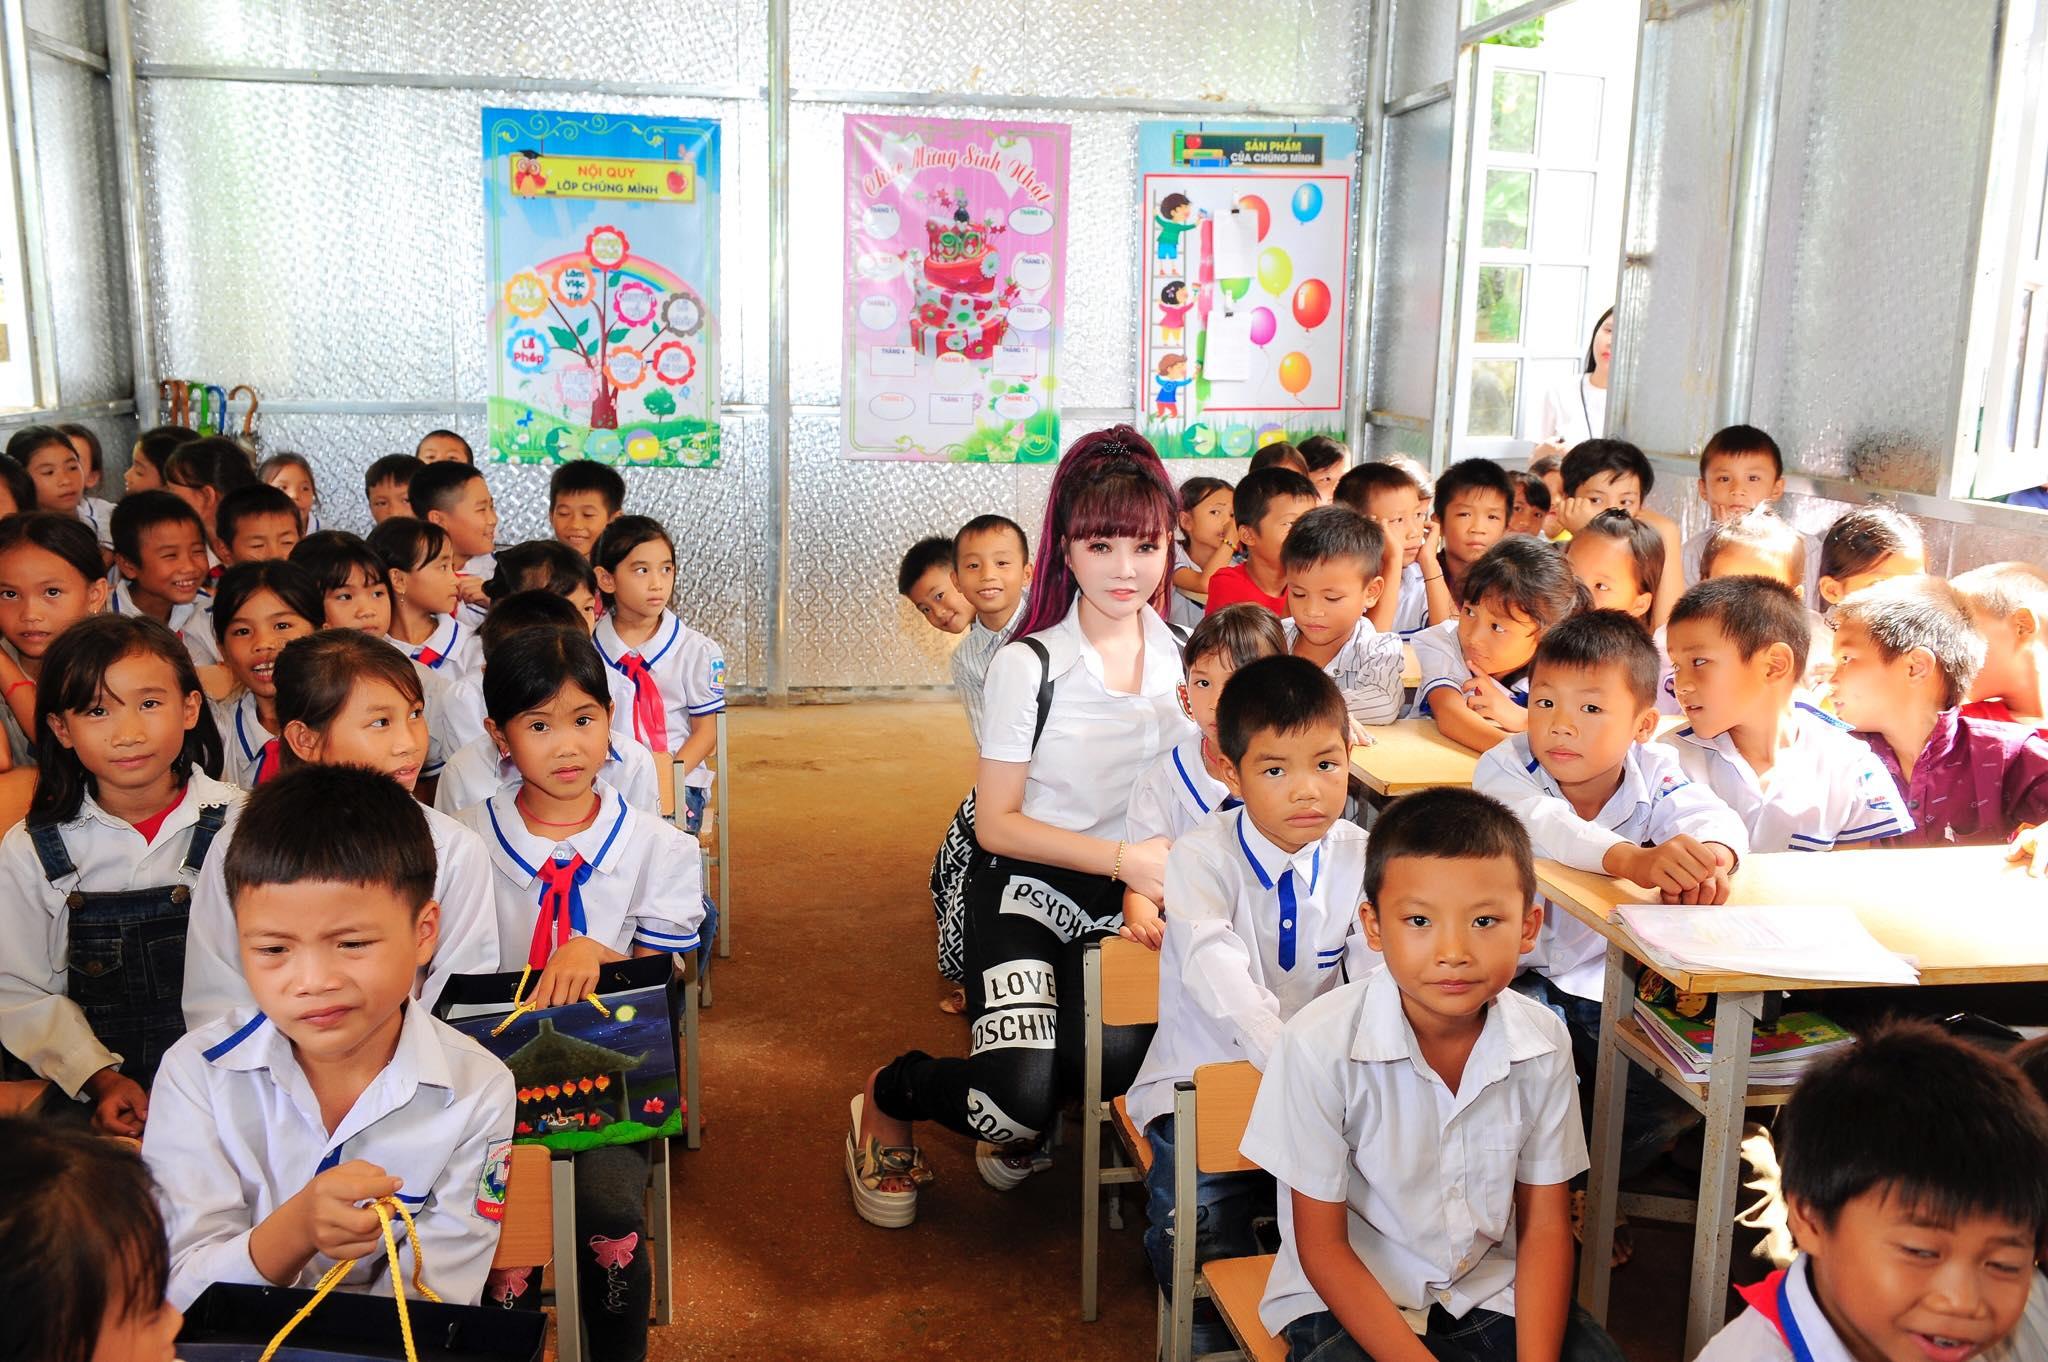 Hoa hậu Hà Thu Trang: Hoa hậu đẹp từ tâm trong lòng mọi người  - Ảnh 1